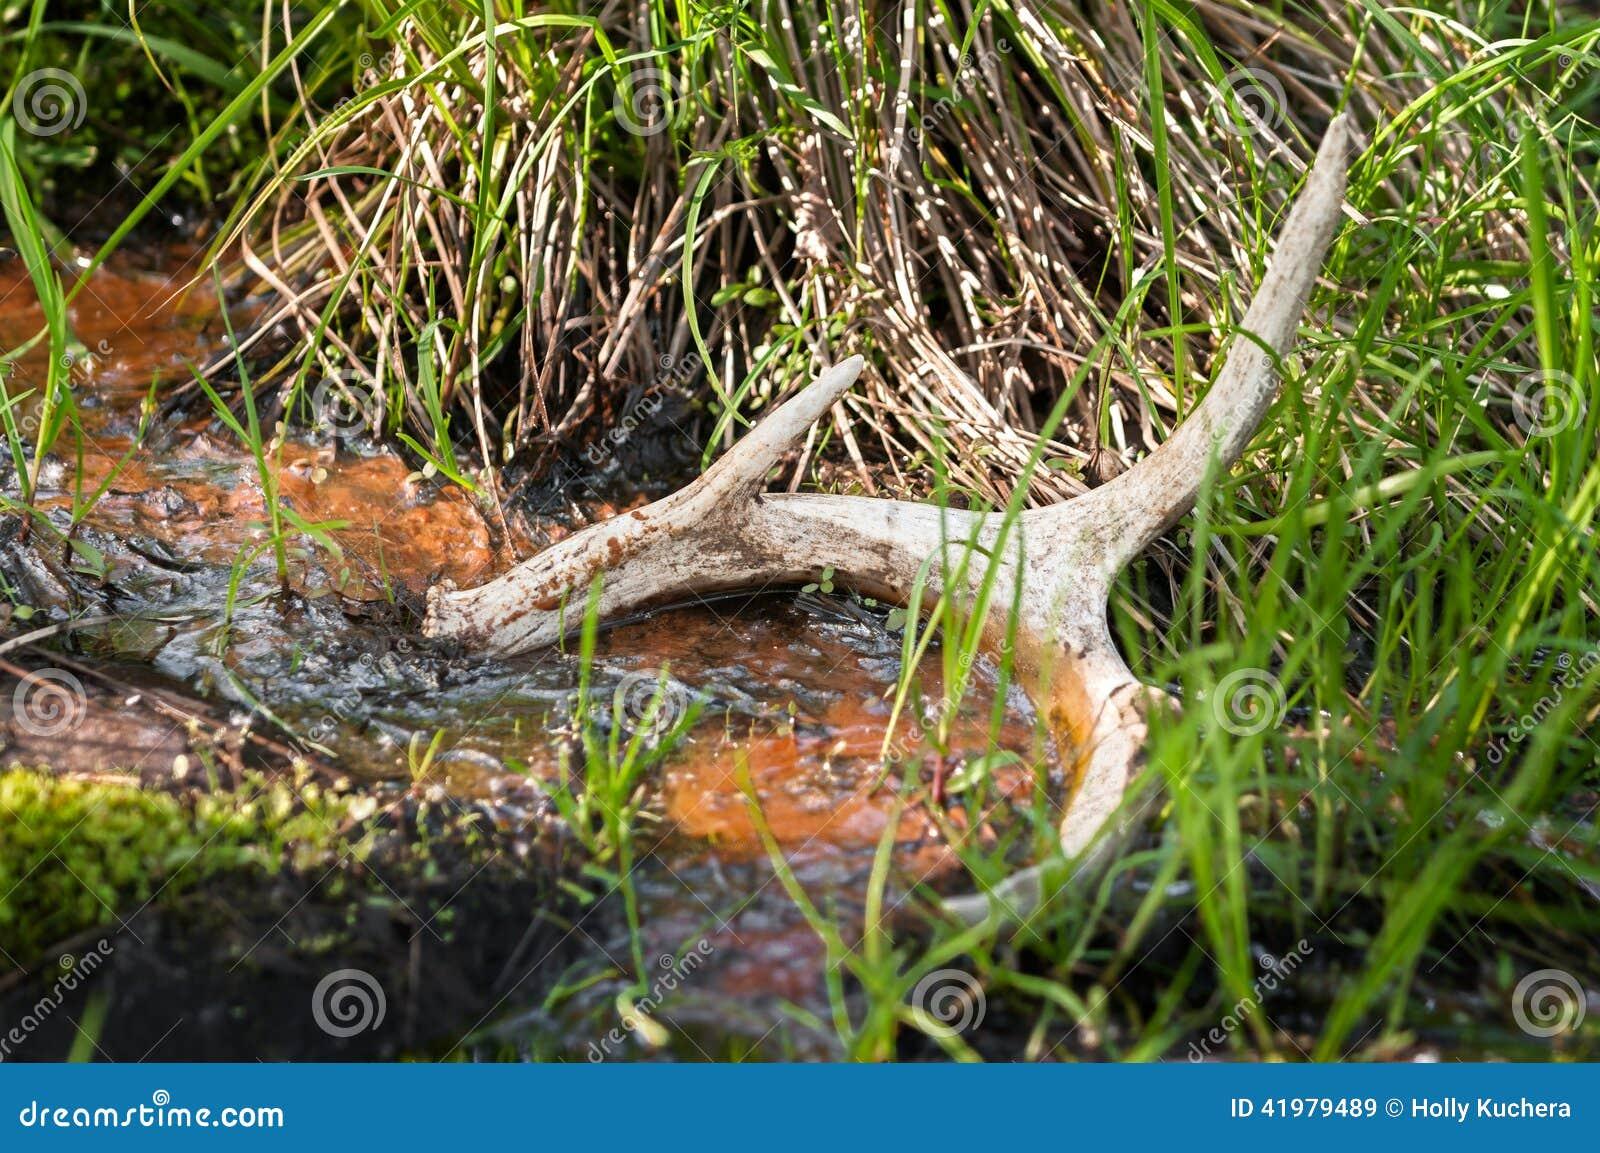 Deer Antler Shed in Pond